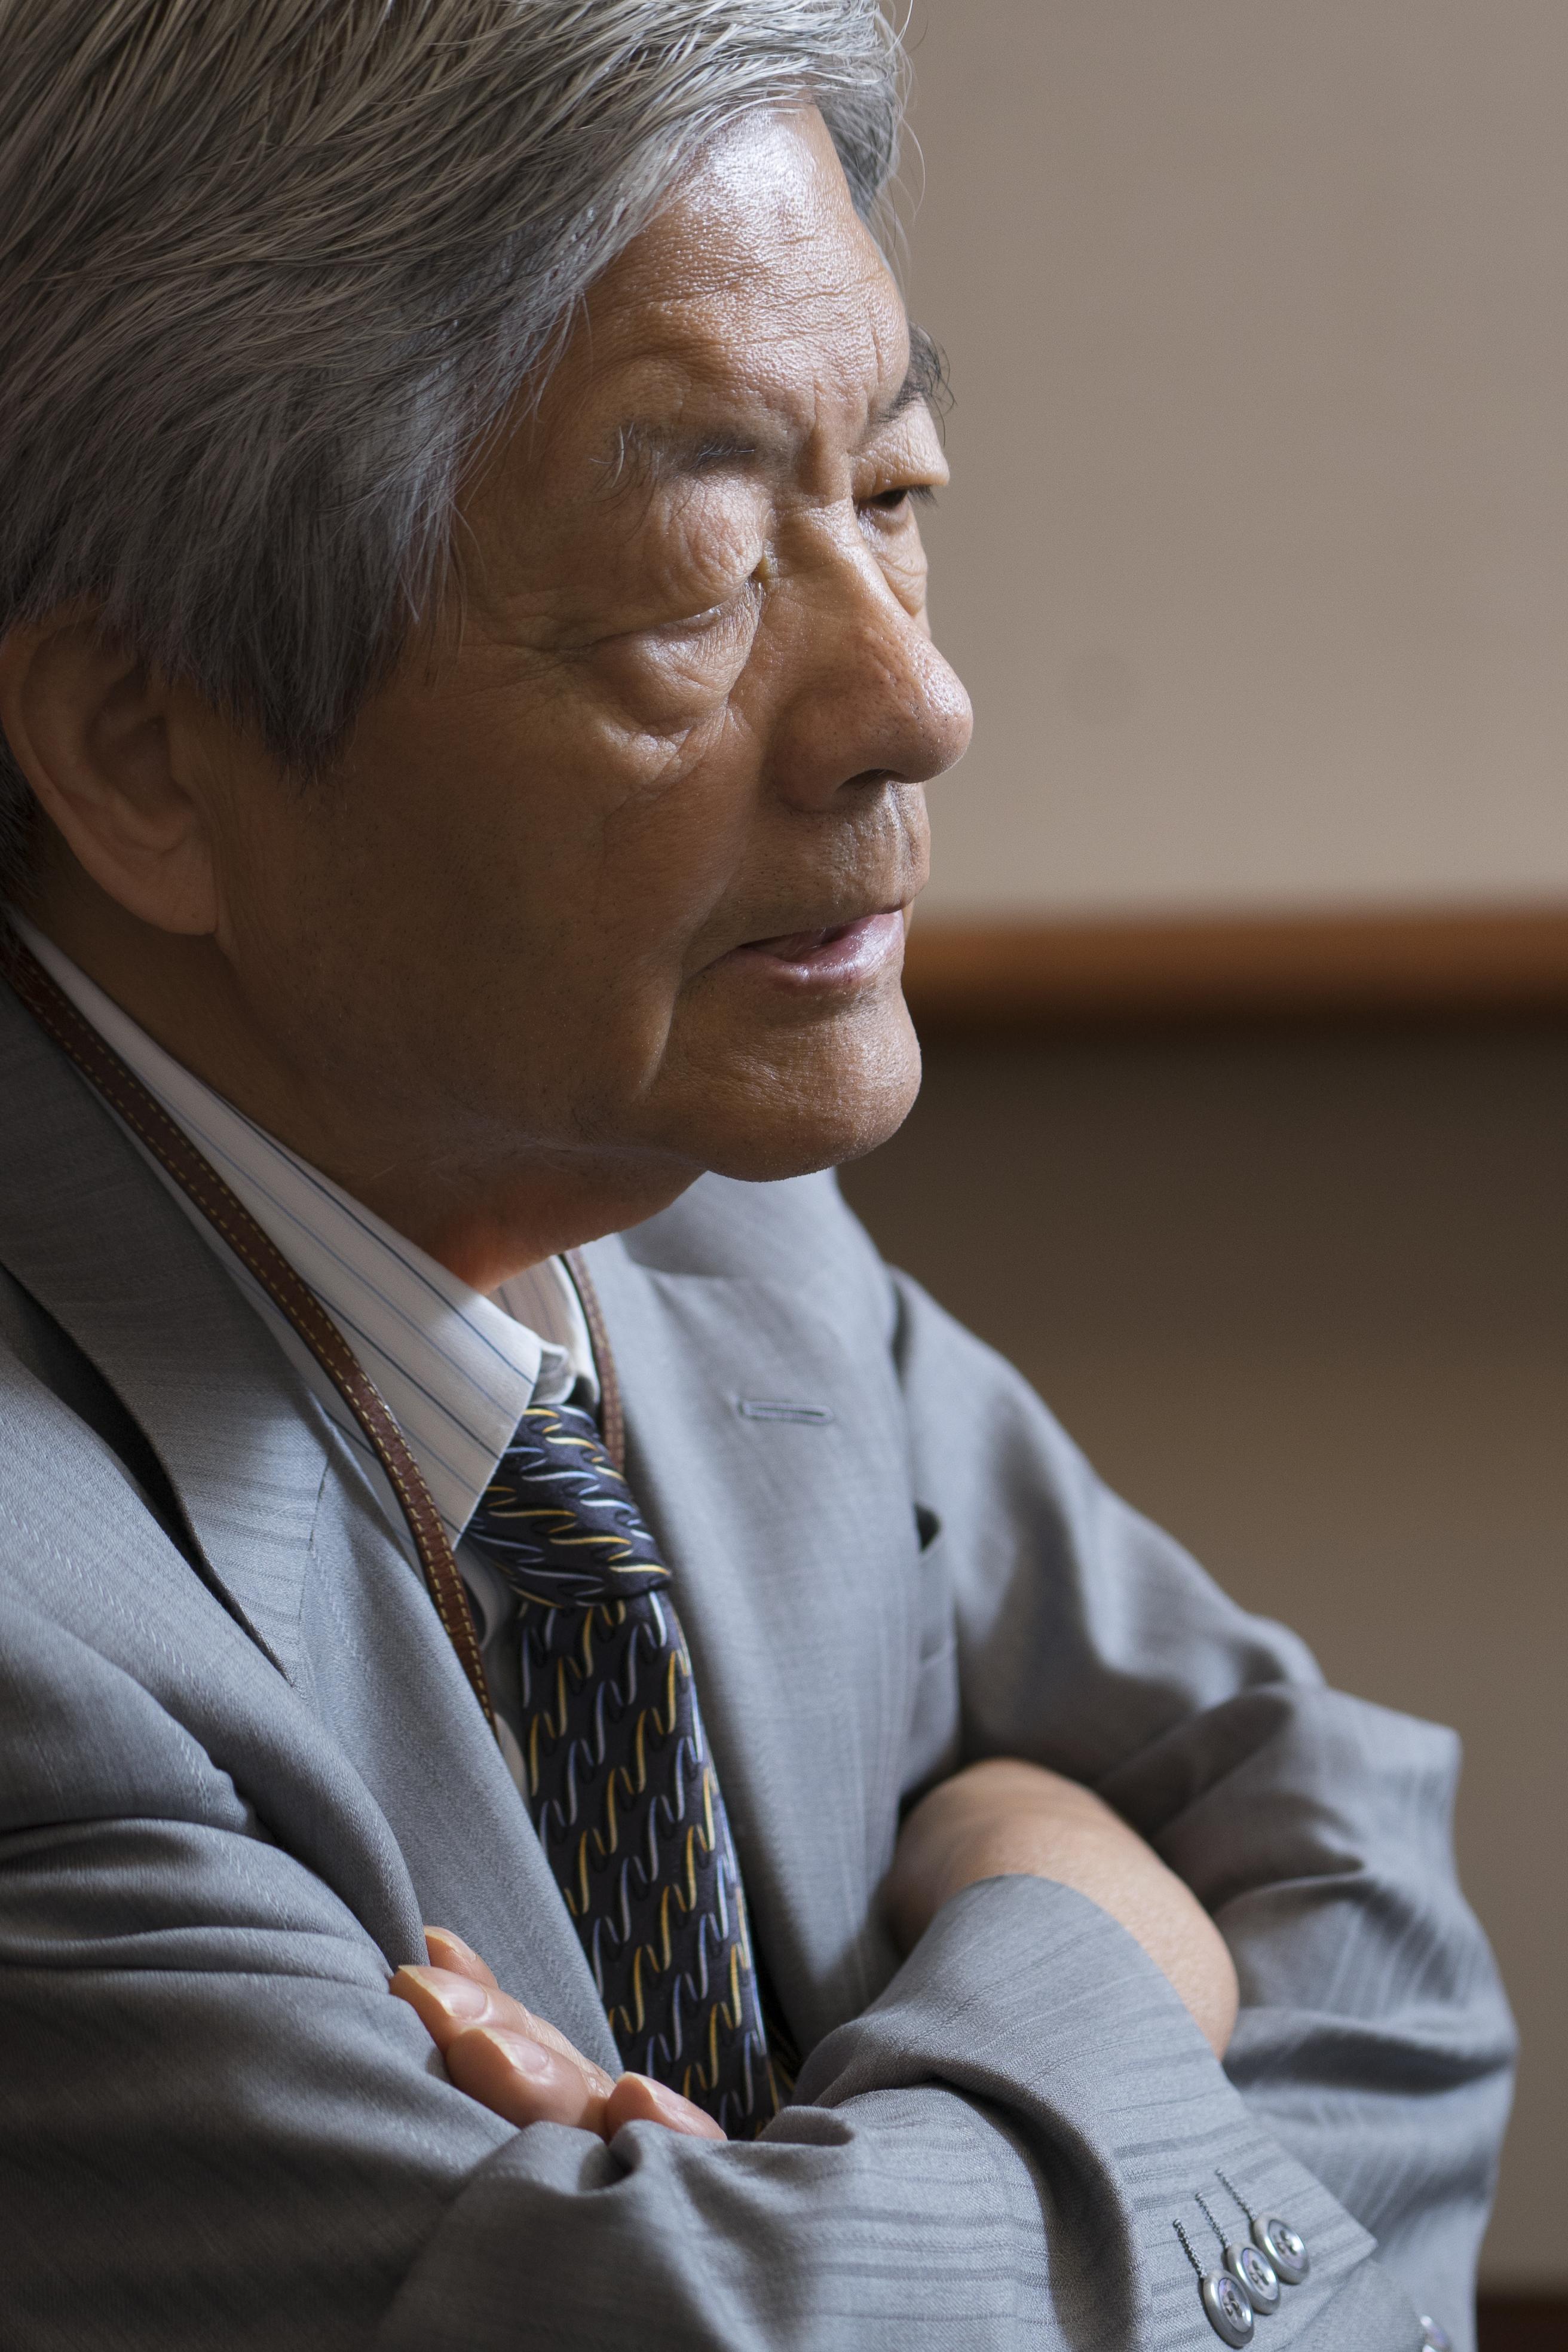 田原総一朗「あのような戦争を二度とやってはいけないという、強いお気持ちを感じる」